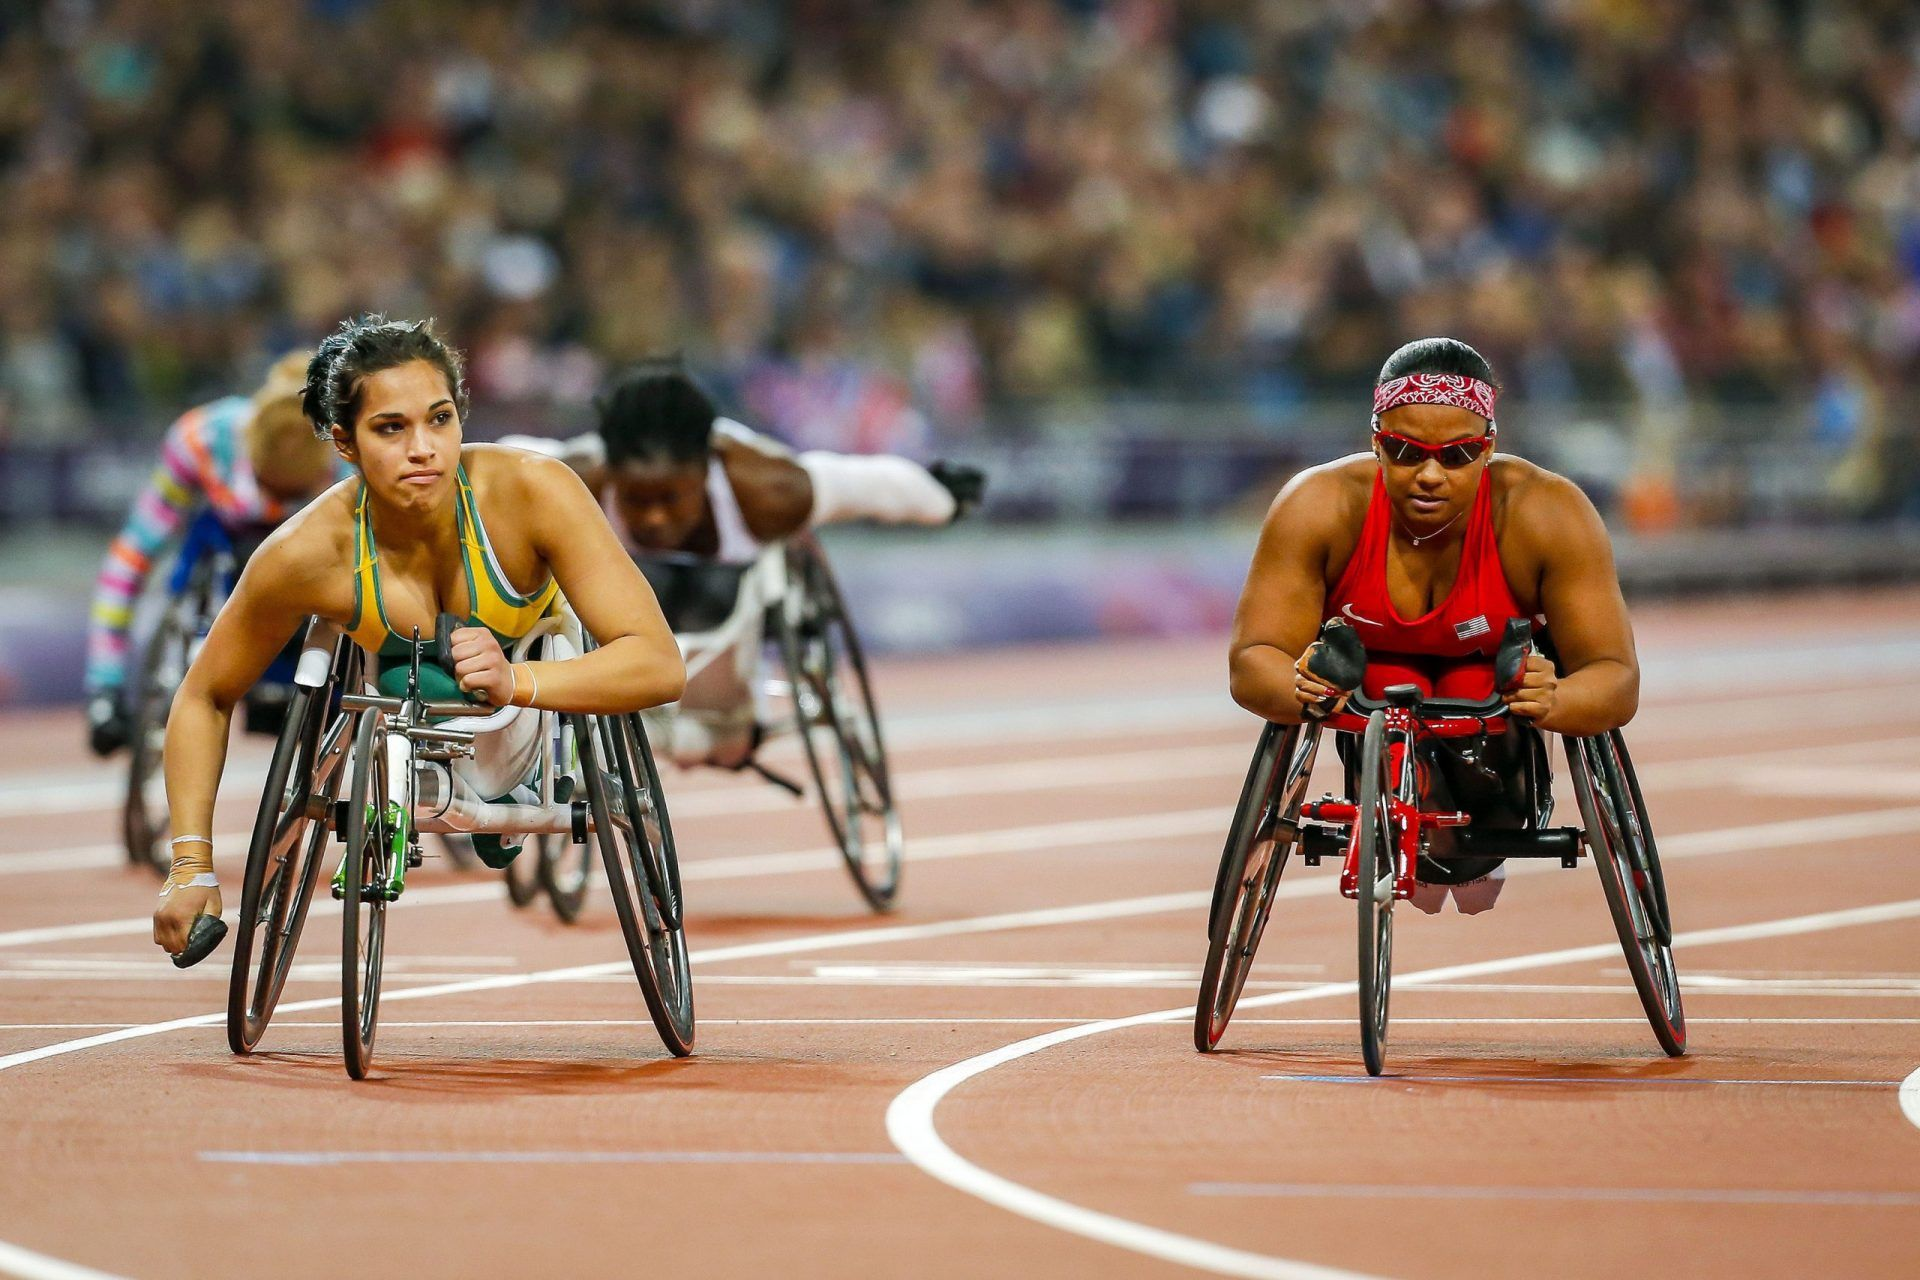 Paralympics Flywheel Training